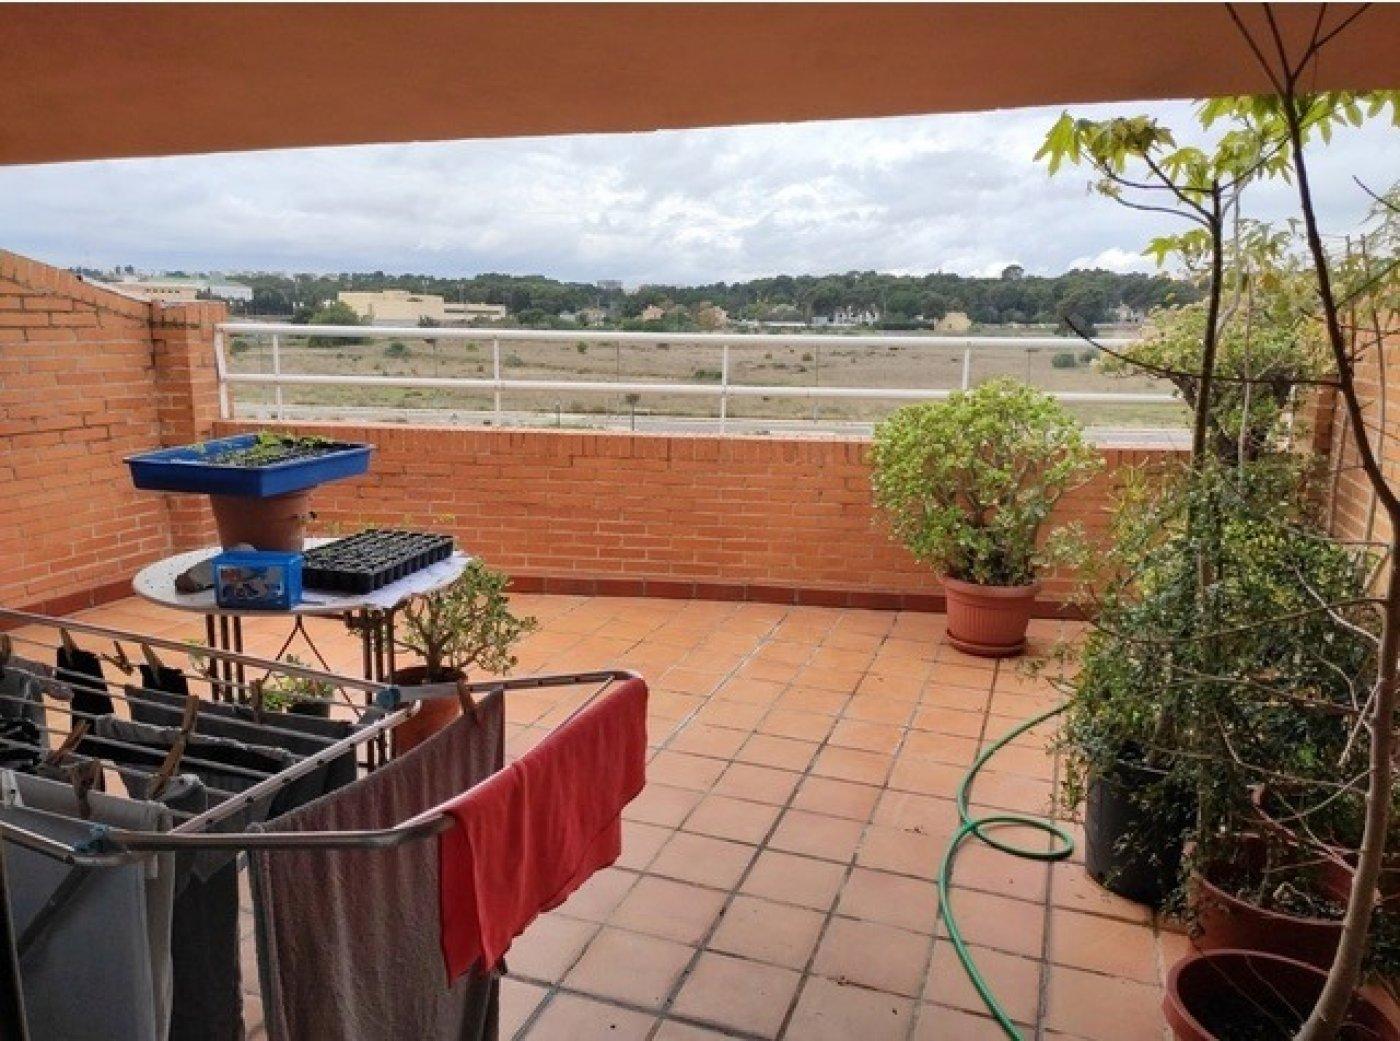 Location Maison  Rocafort ,rocafort. Adosado en alquiler, posibilidad de opción a compra.